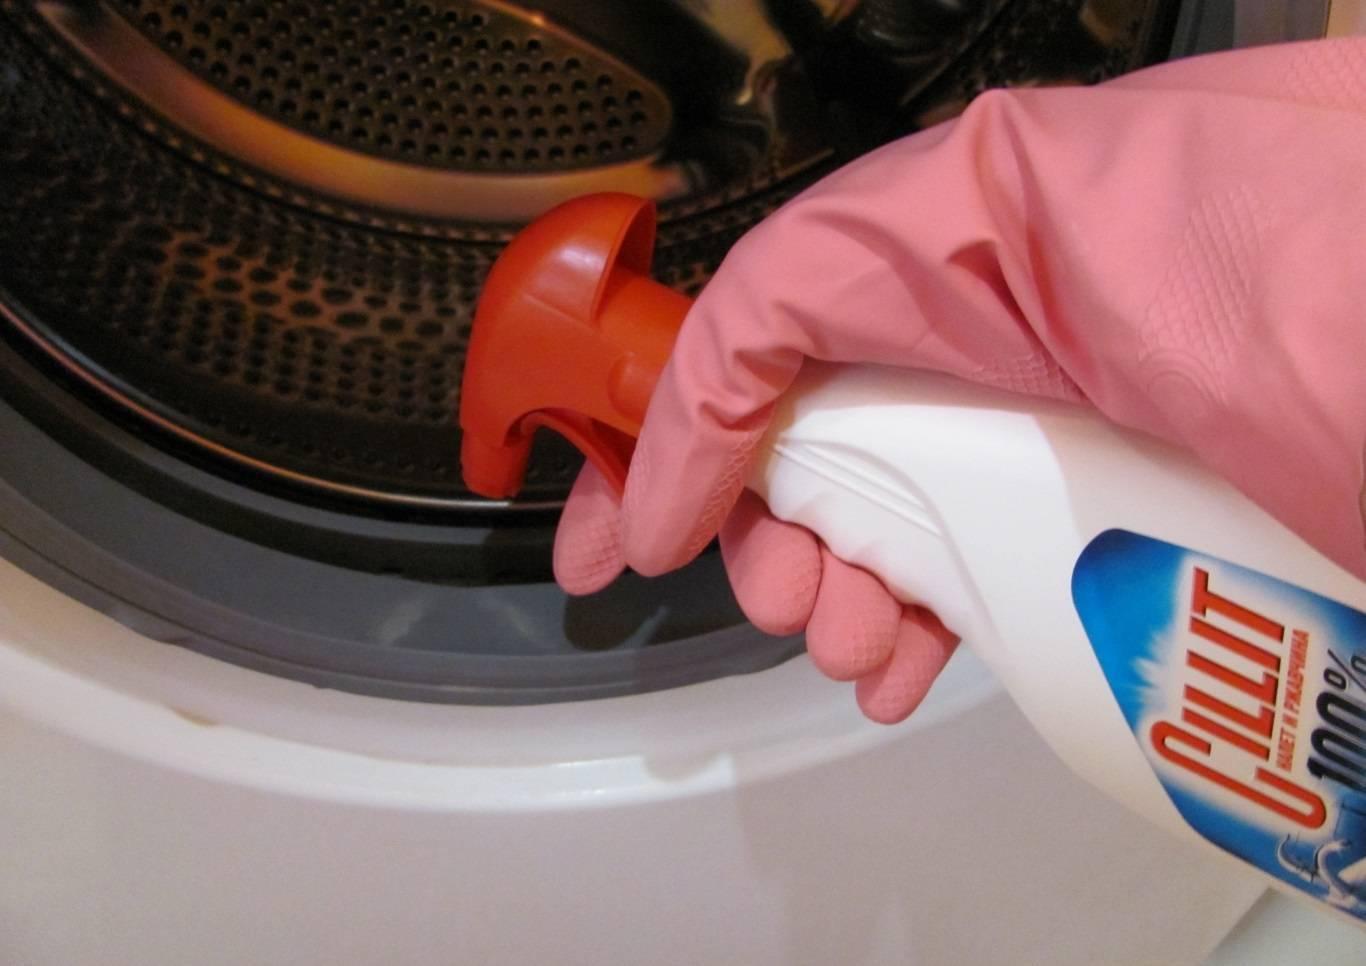 Как очистить от плесени стиральную машину: химические средства и народные методы